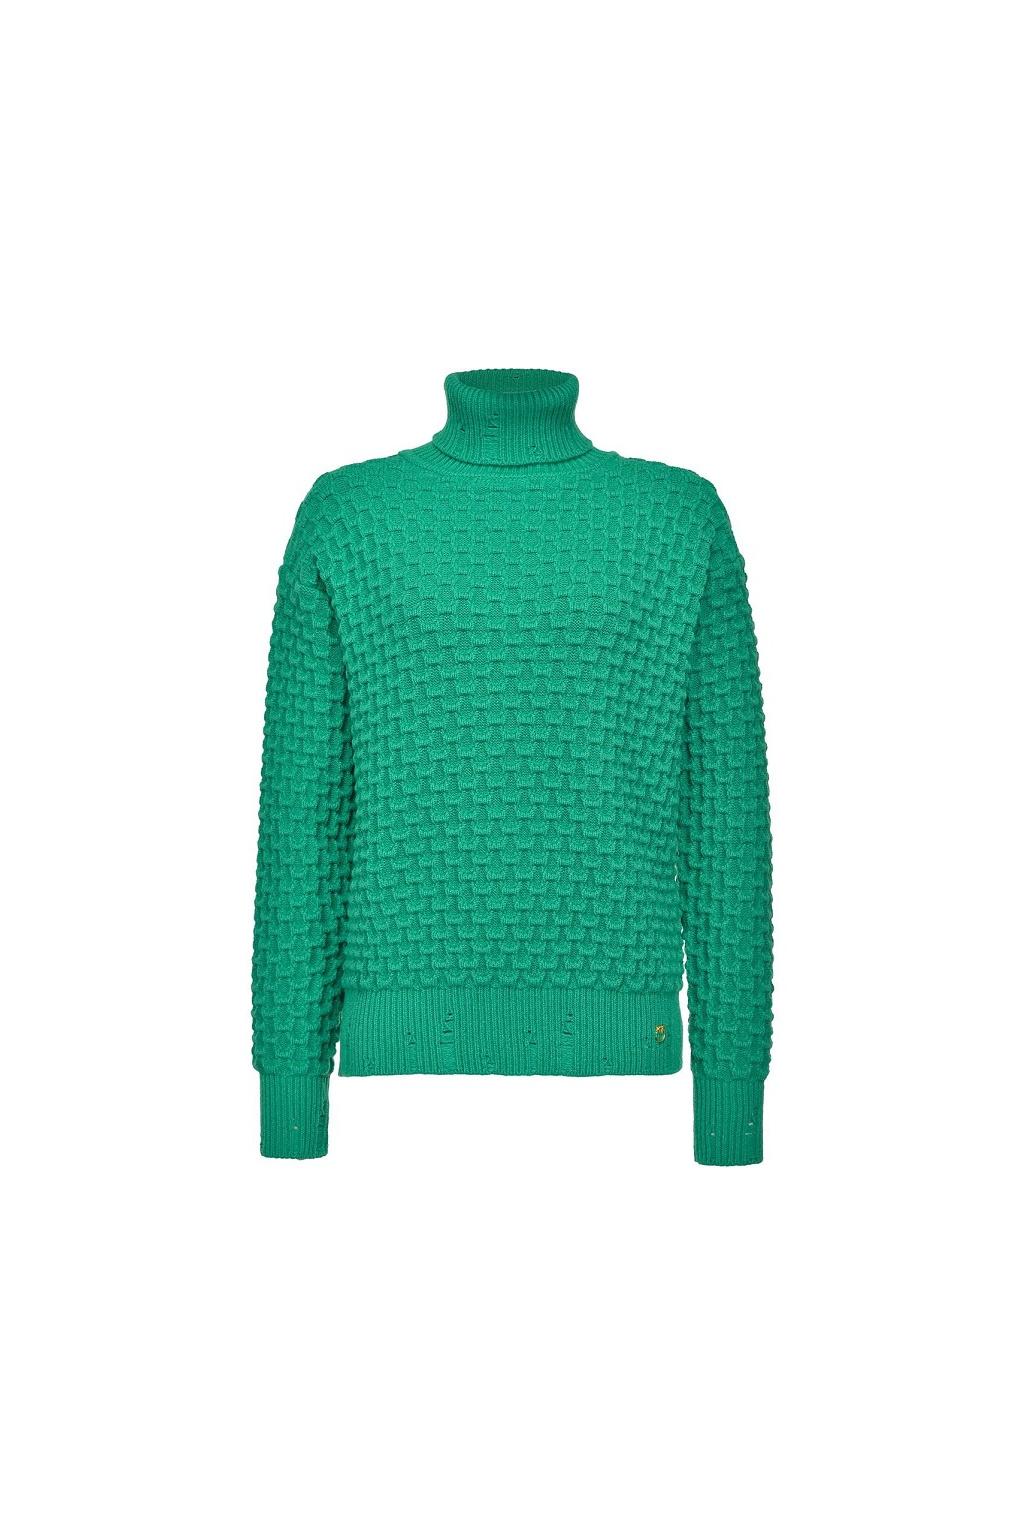 1B14X2 Y6QP T68 Dámský svetr Pinko Nuvolosita zelený